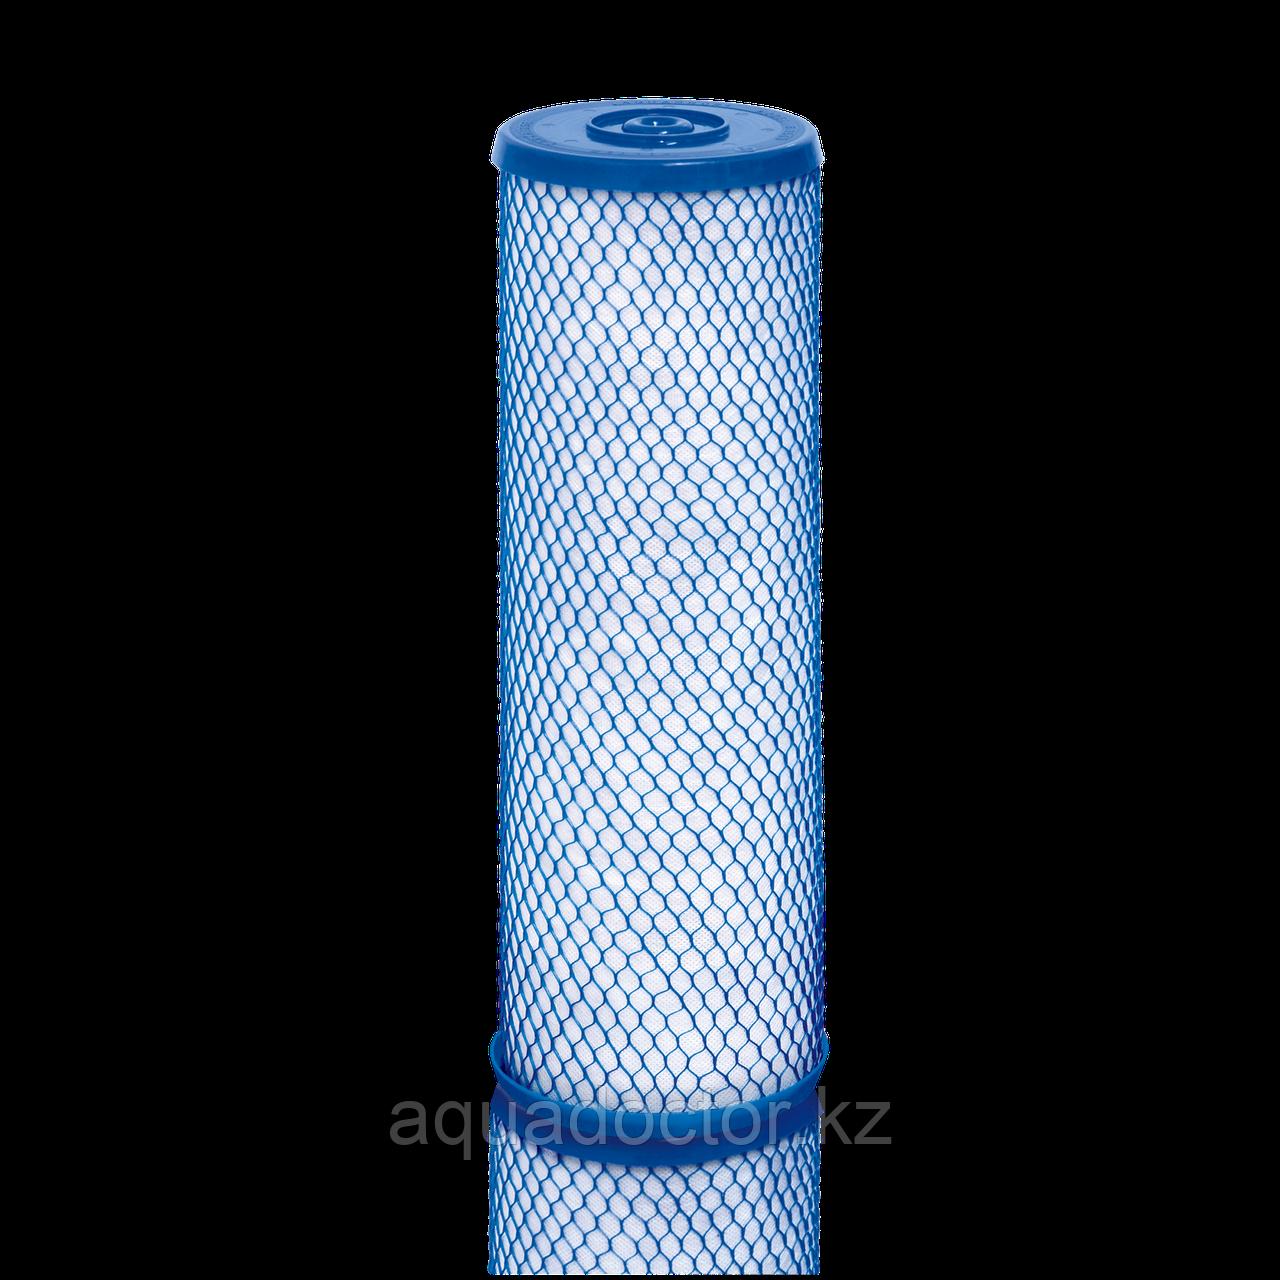 Модуль сменный фильтрующий В 150 плюс